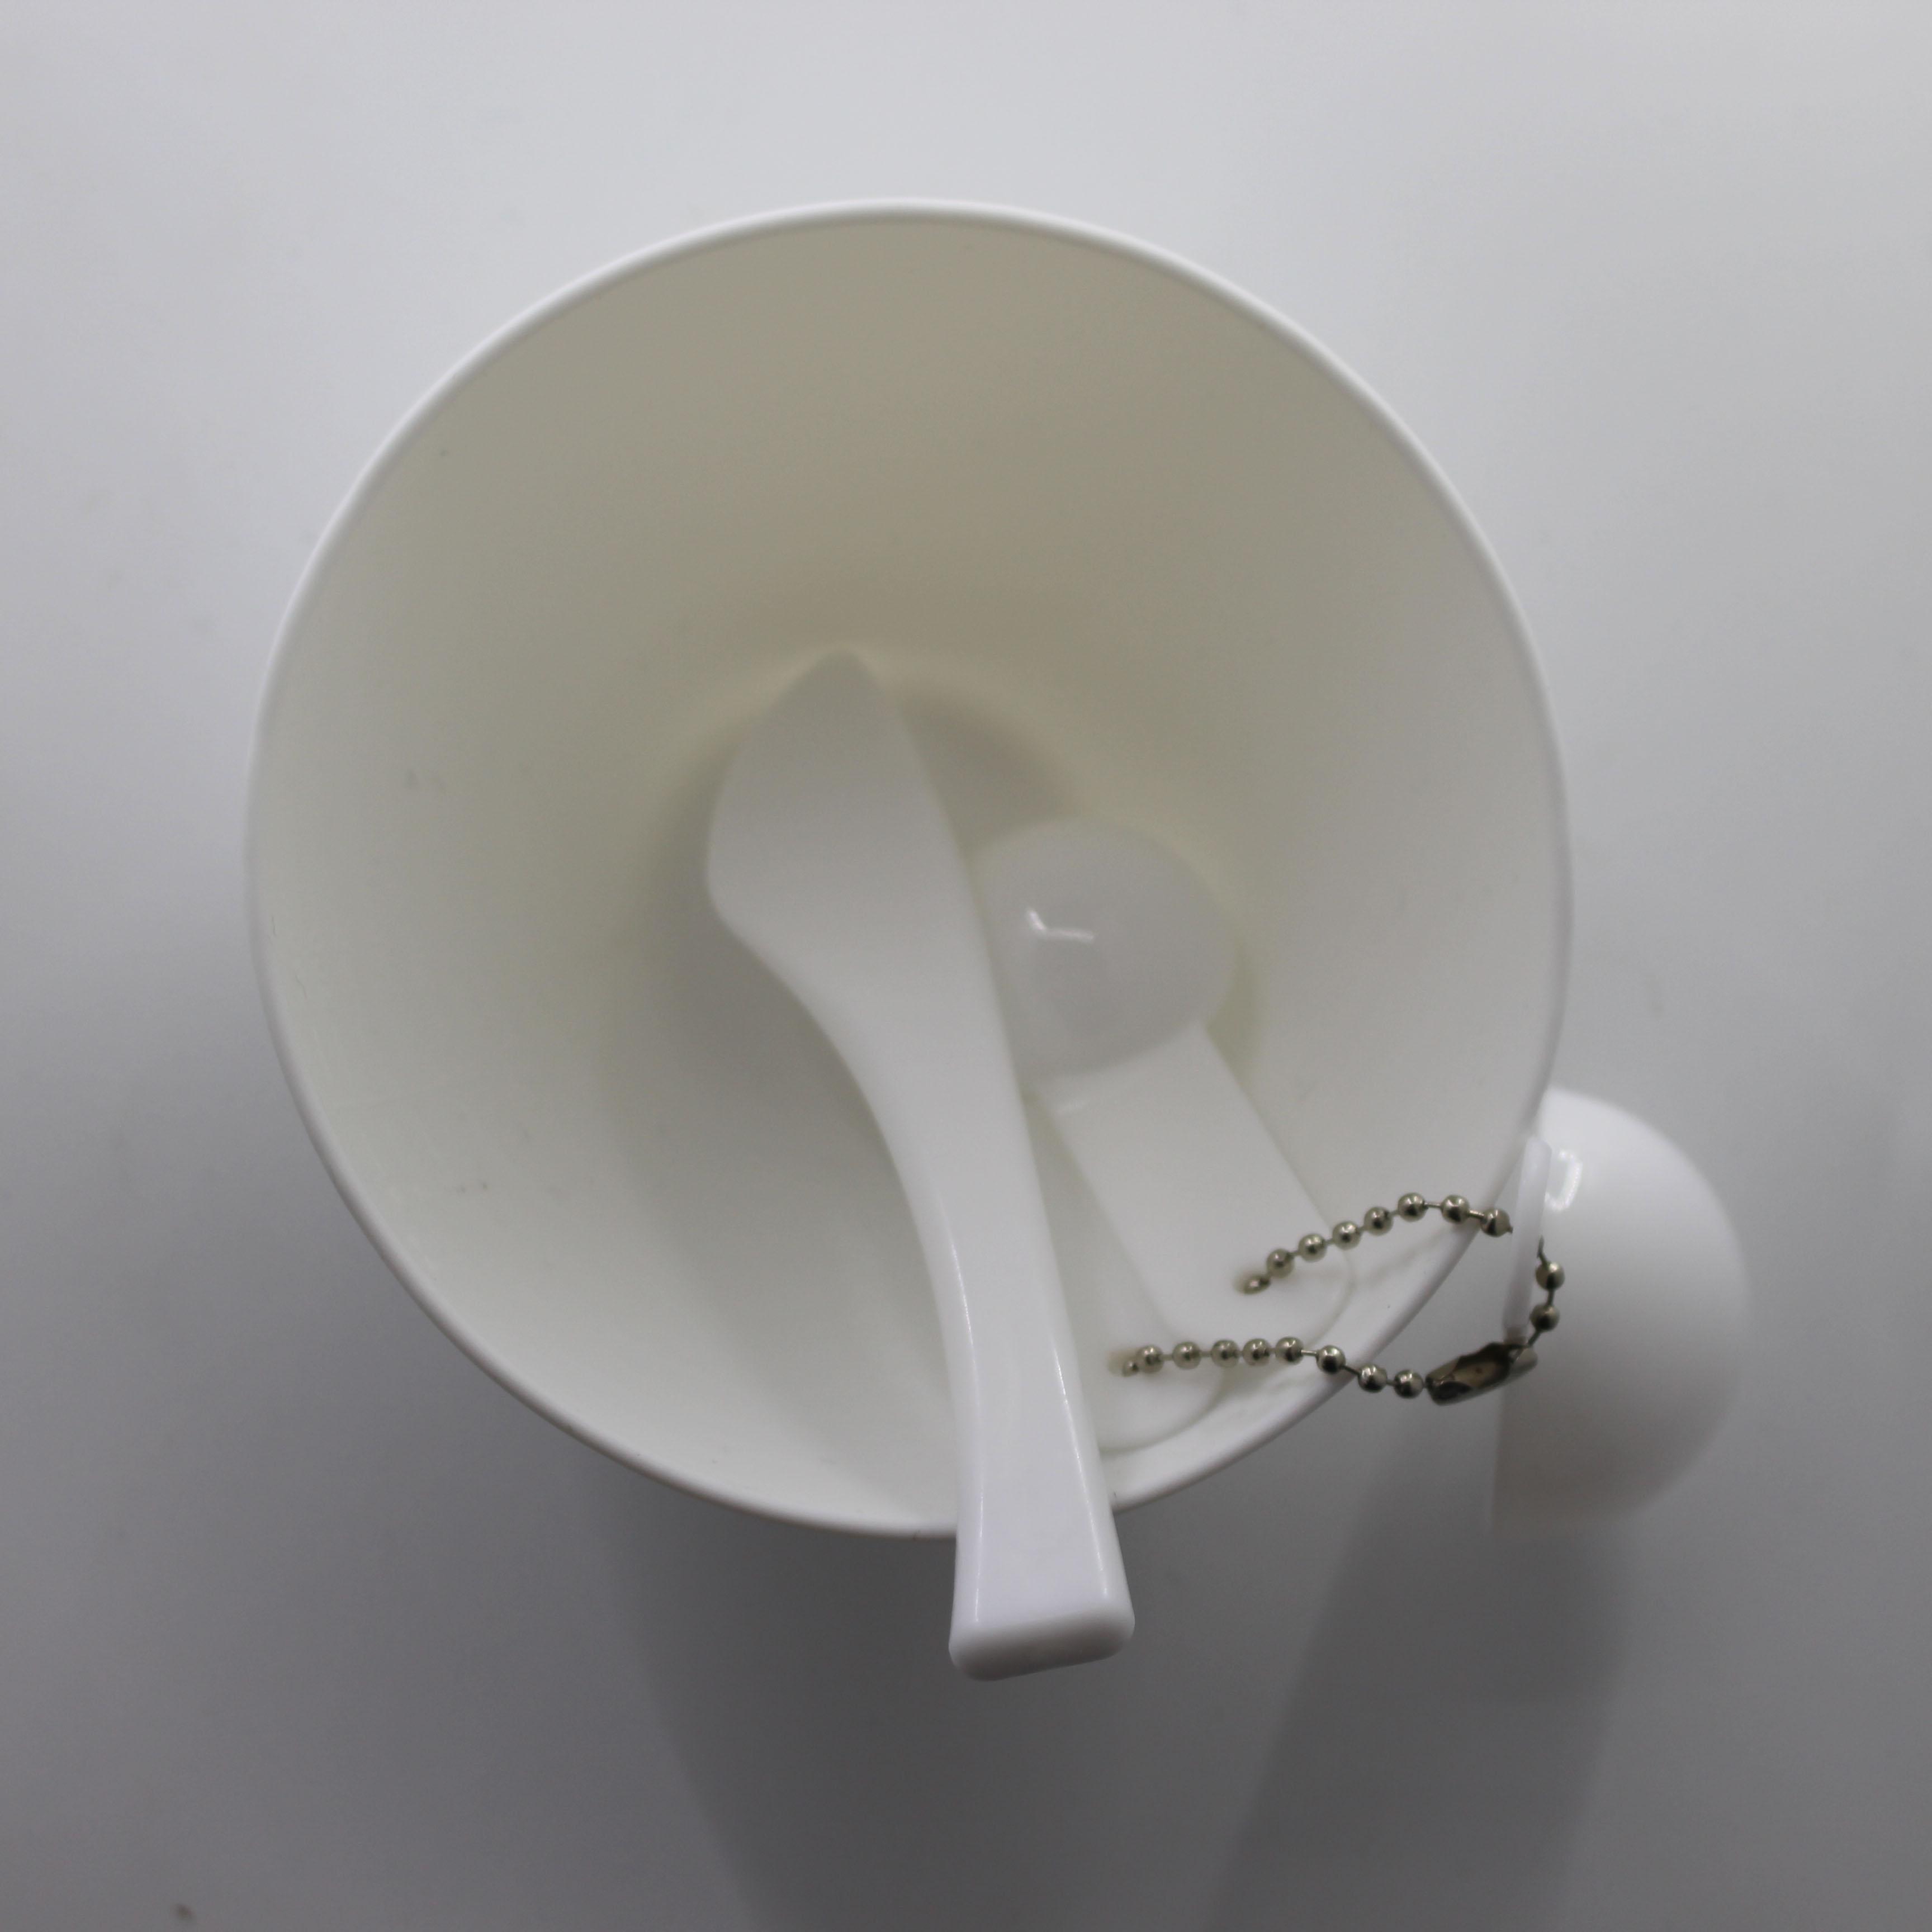 Bộ dụng cụ pha mặt nạ Nhật Bản tiện dụng  MINISO FACIAL MASK TOOL SET màu trắng - MNS026